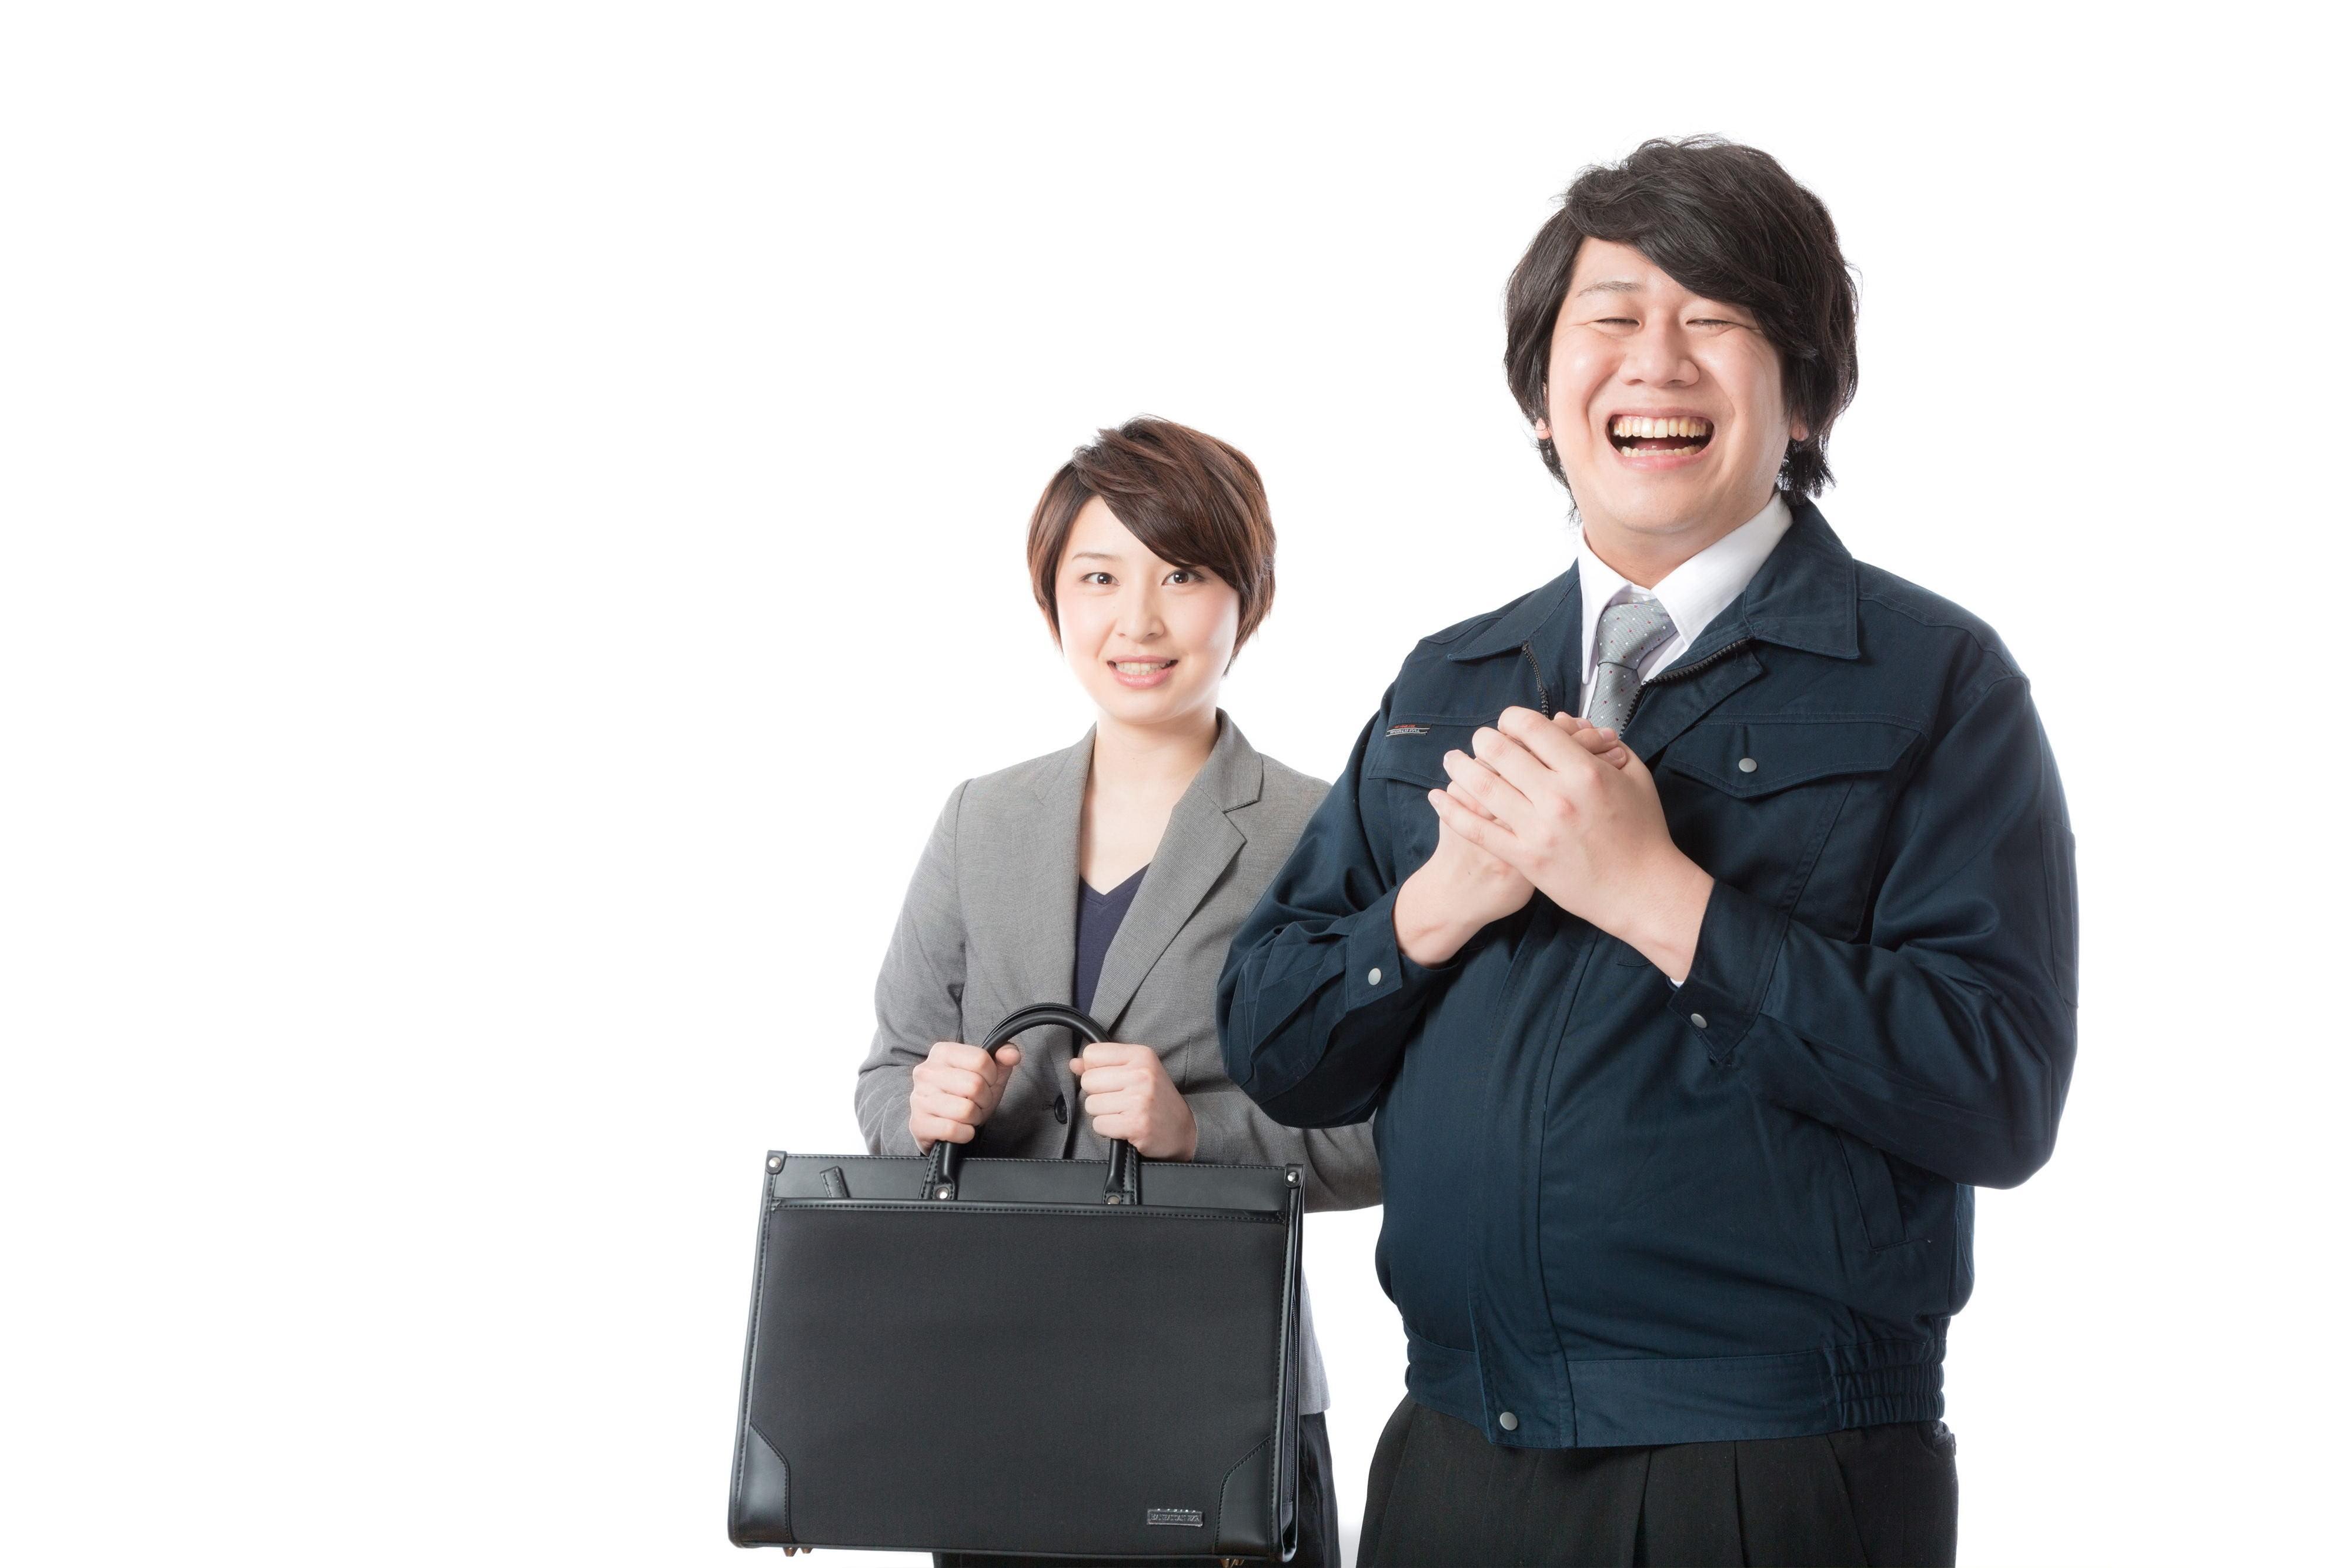 同業他社への転職は必ずばれる?転職の6つのメリット・デメリットやリスクを解説